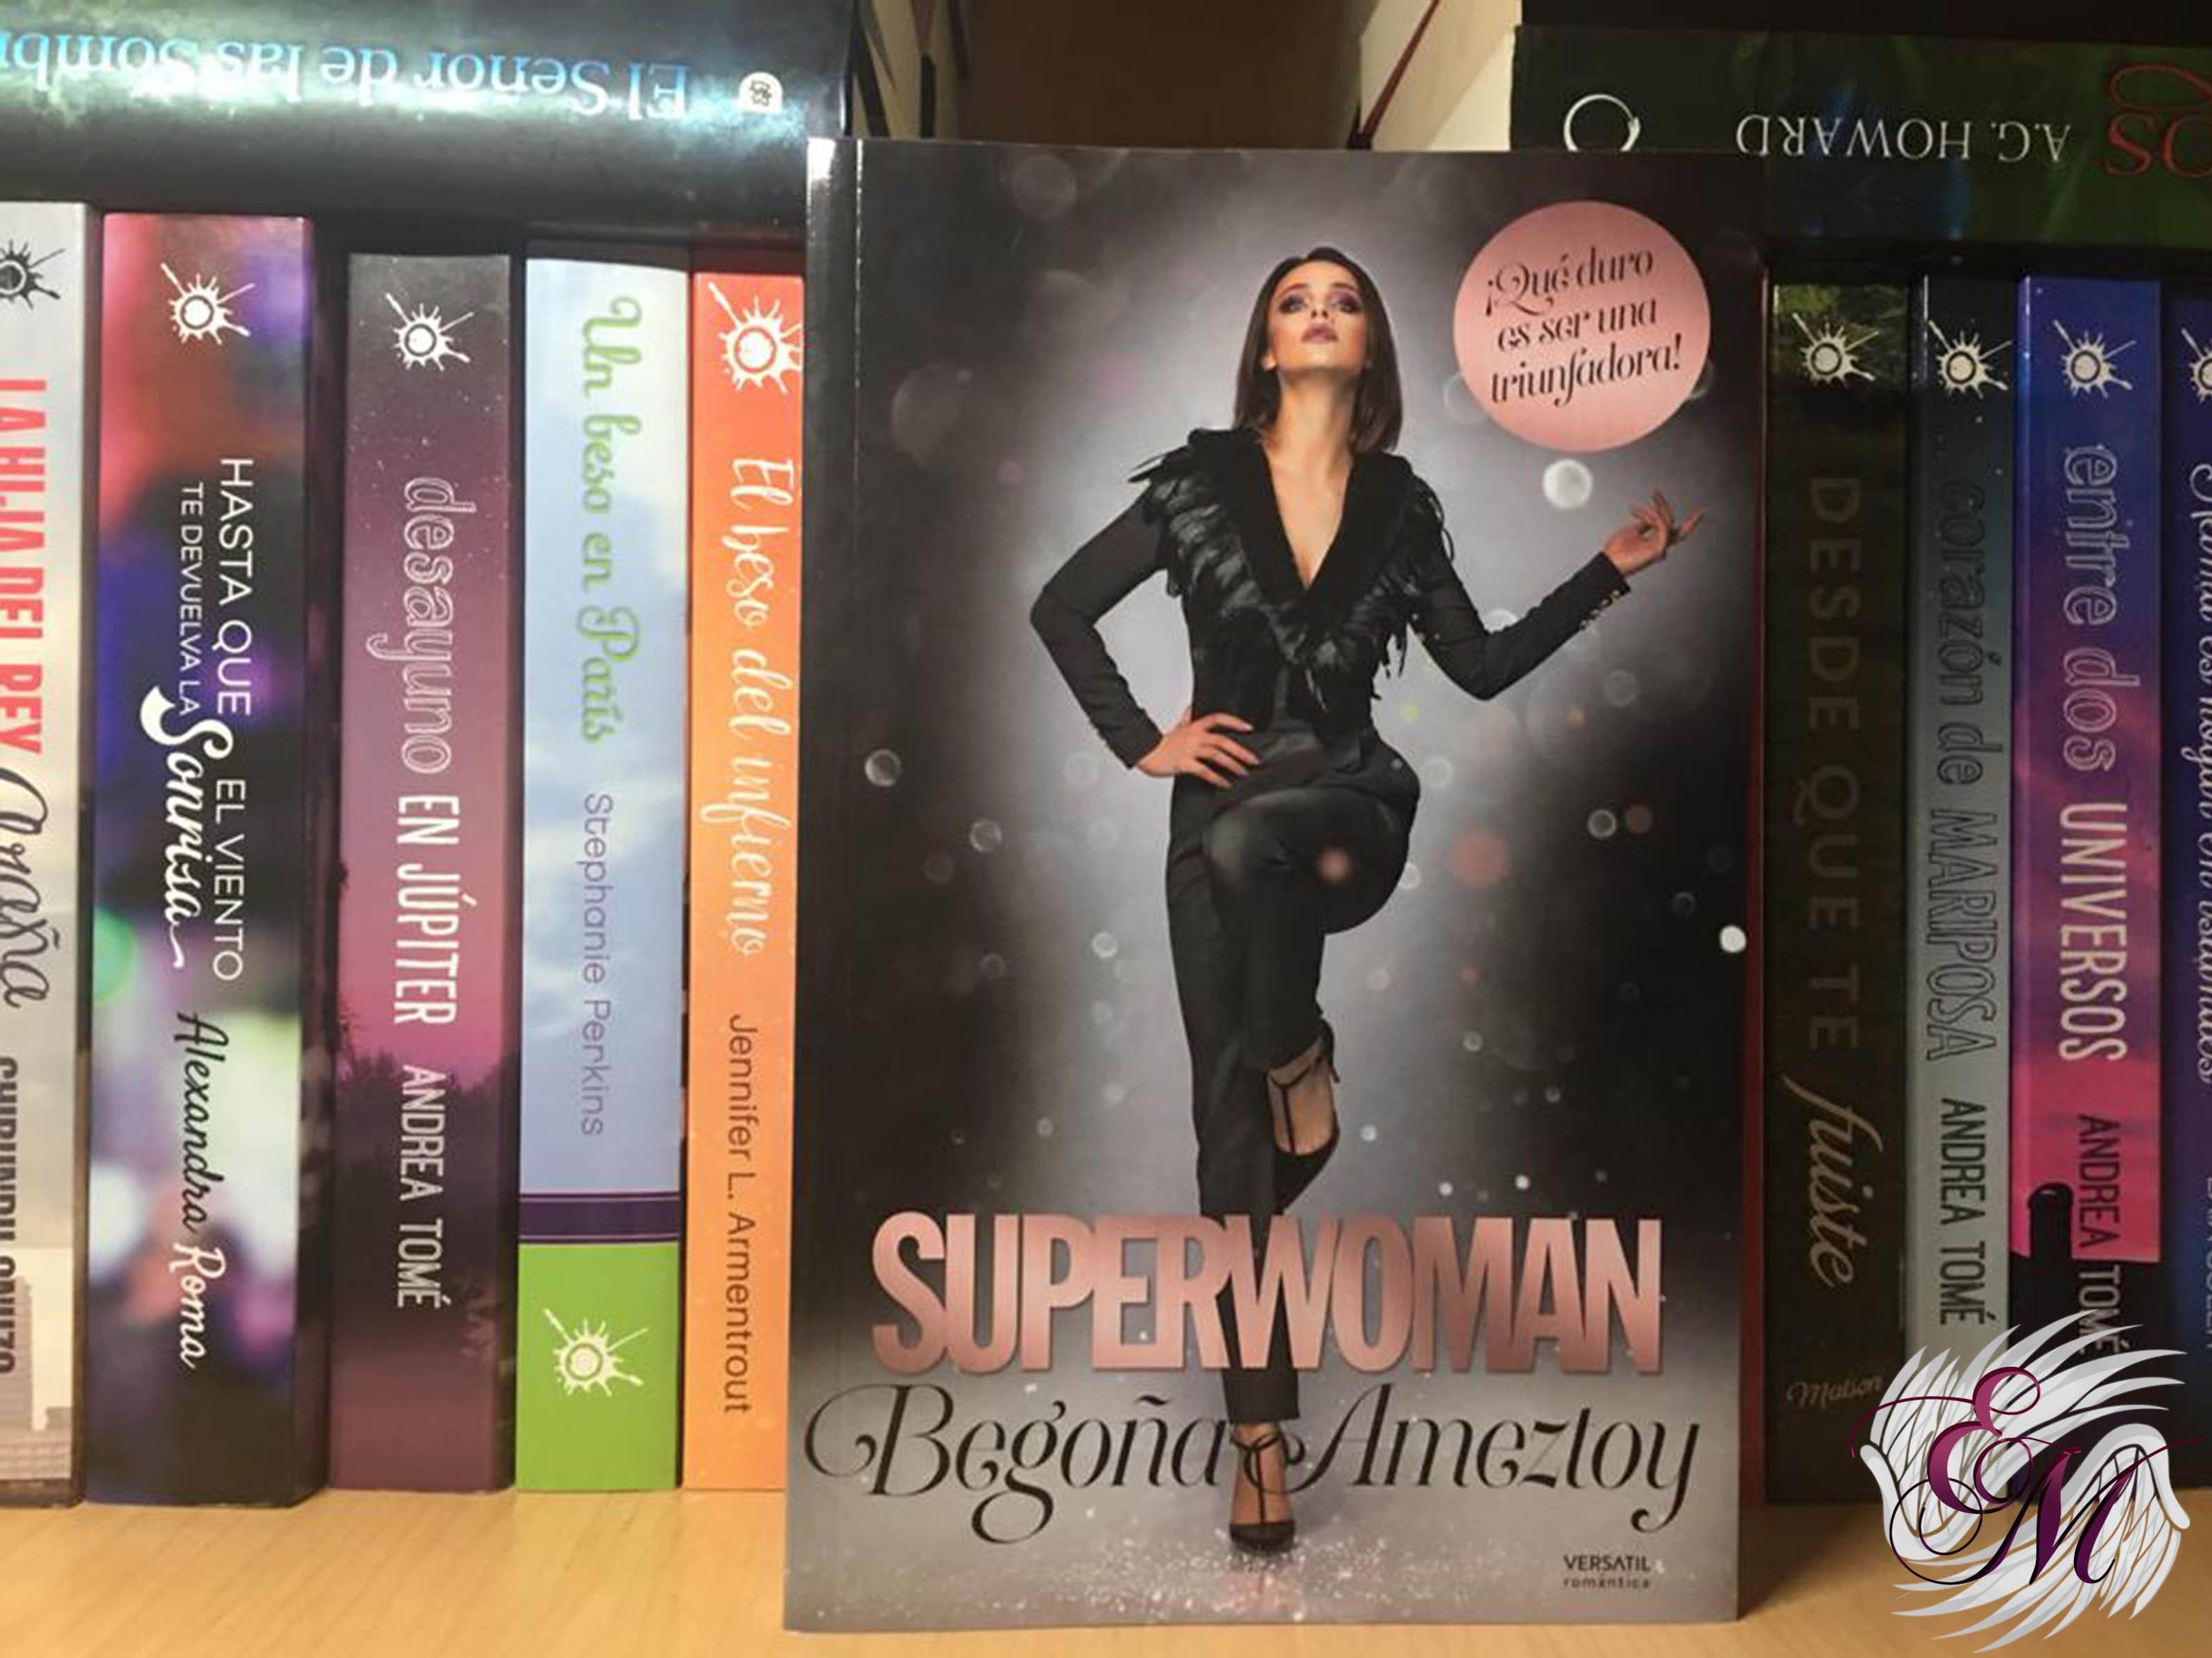 Superwoman, de Begoña Ameztoy - Reseña